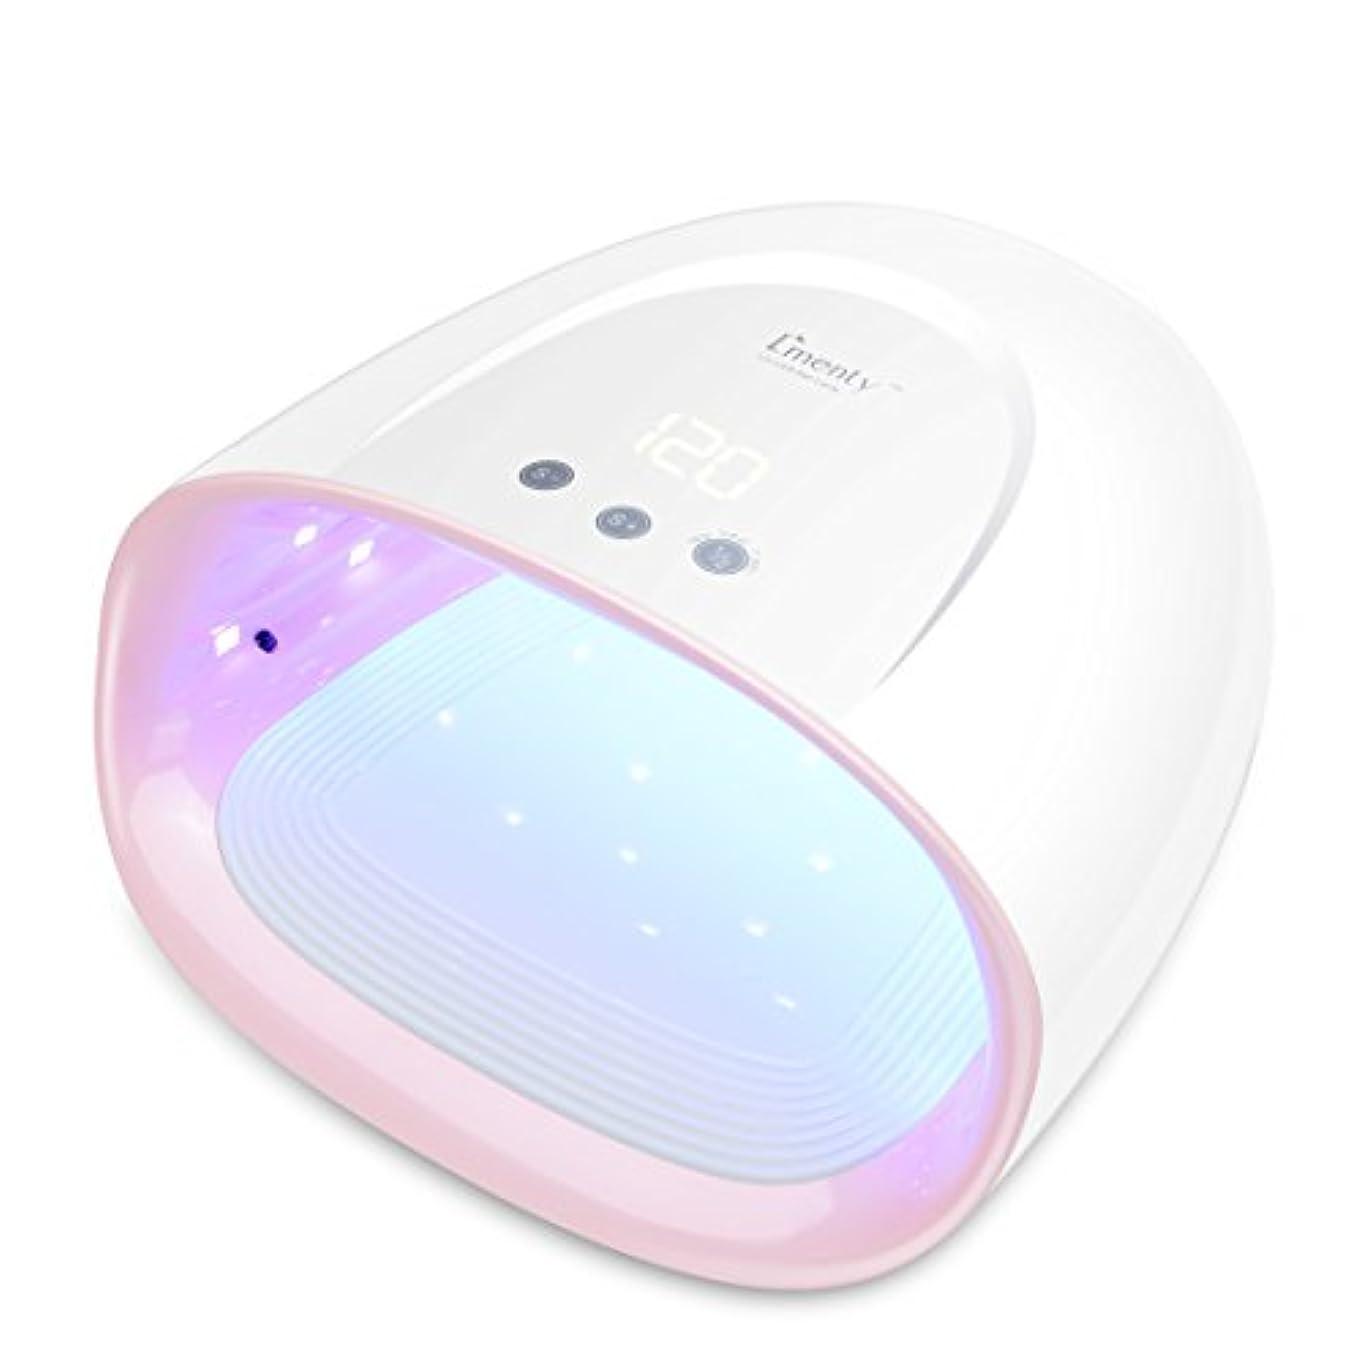 マニキュア用 ネイルドライヤー UV?LEDダブル光源 ハイパワー 60W最新版 知能のデザイン 快適に硬化 五つのタイマ設定可能 12ヶ月の保証期間 日本語の説明書 (ピンク)